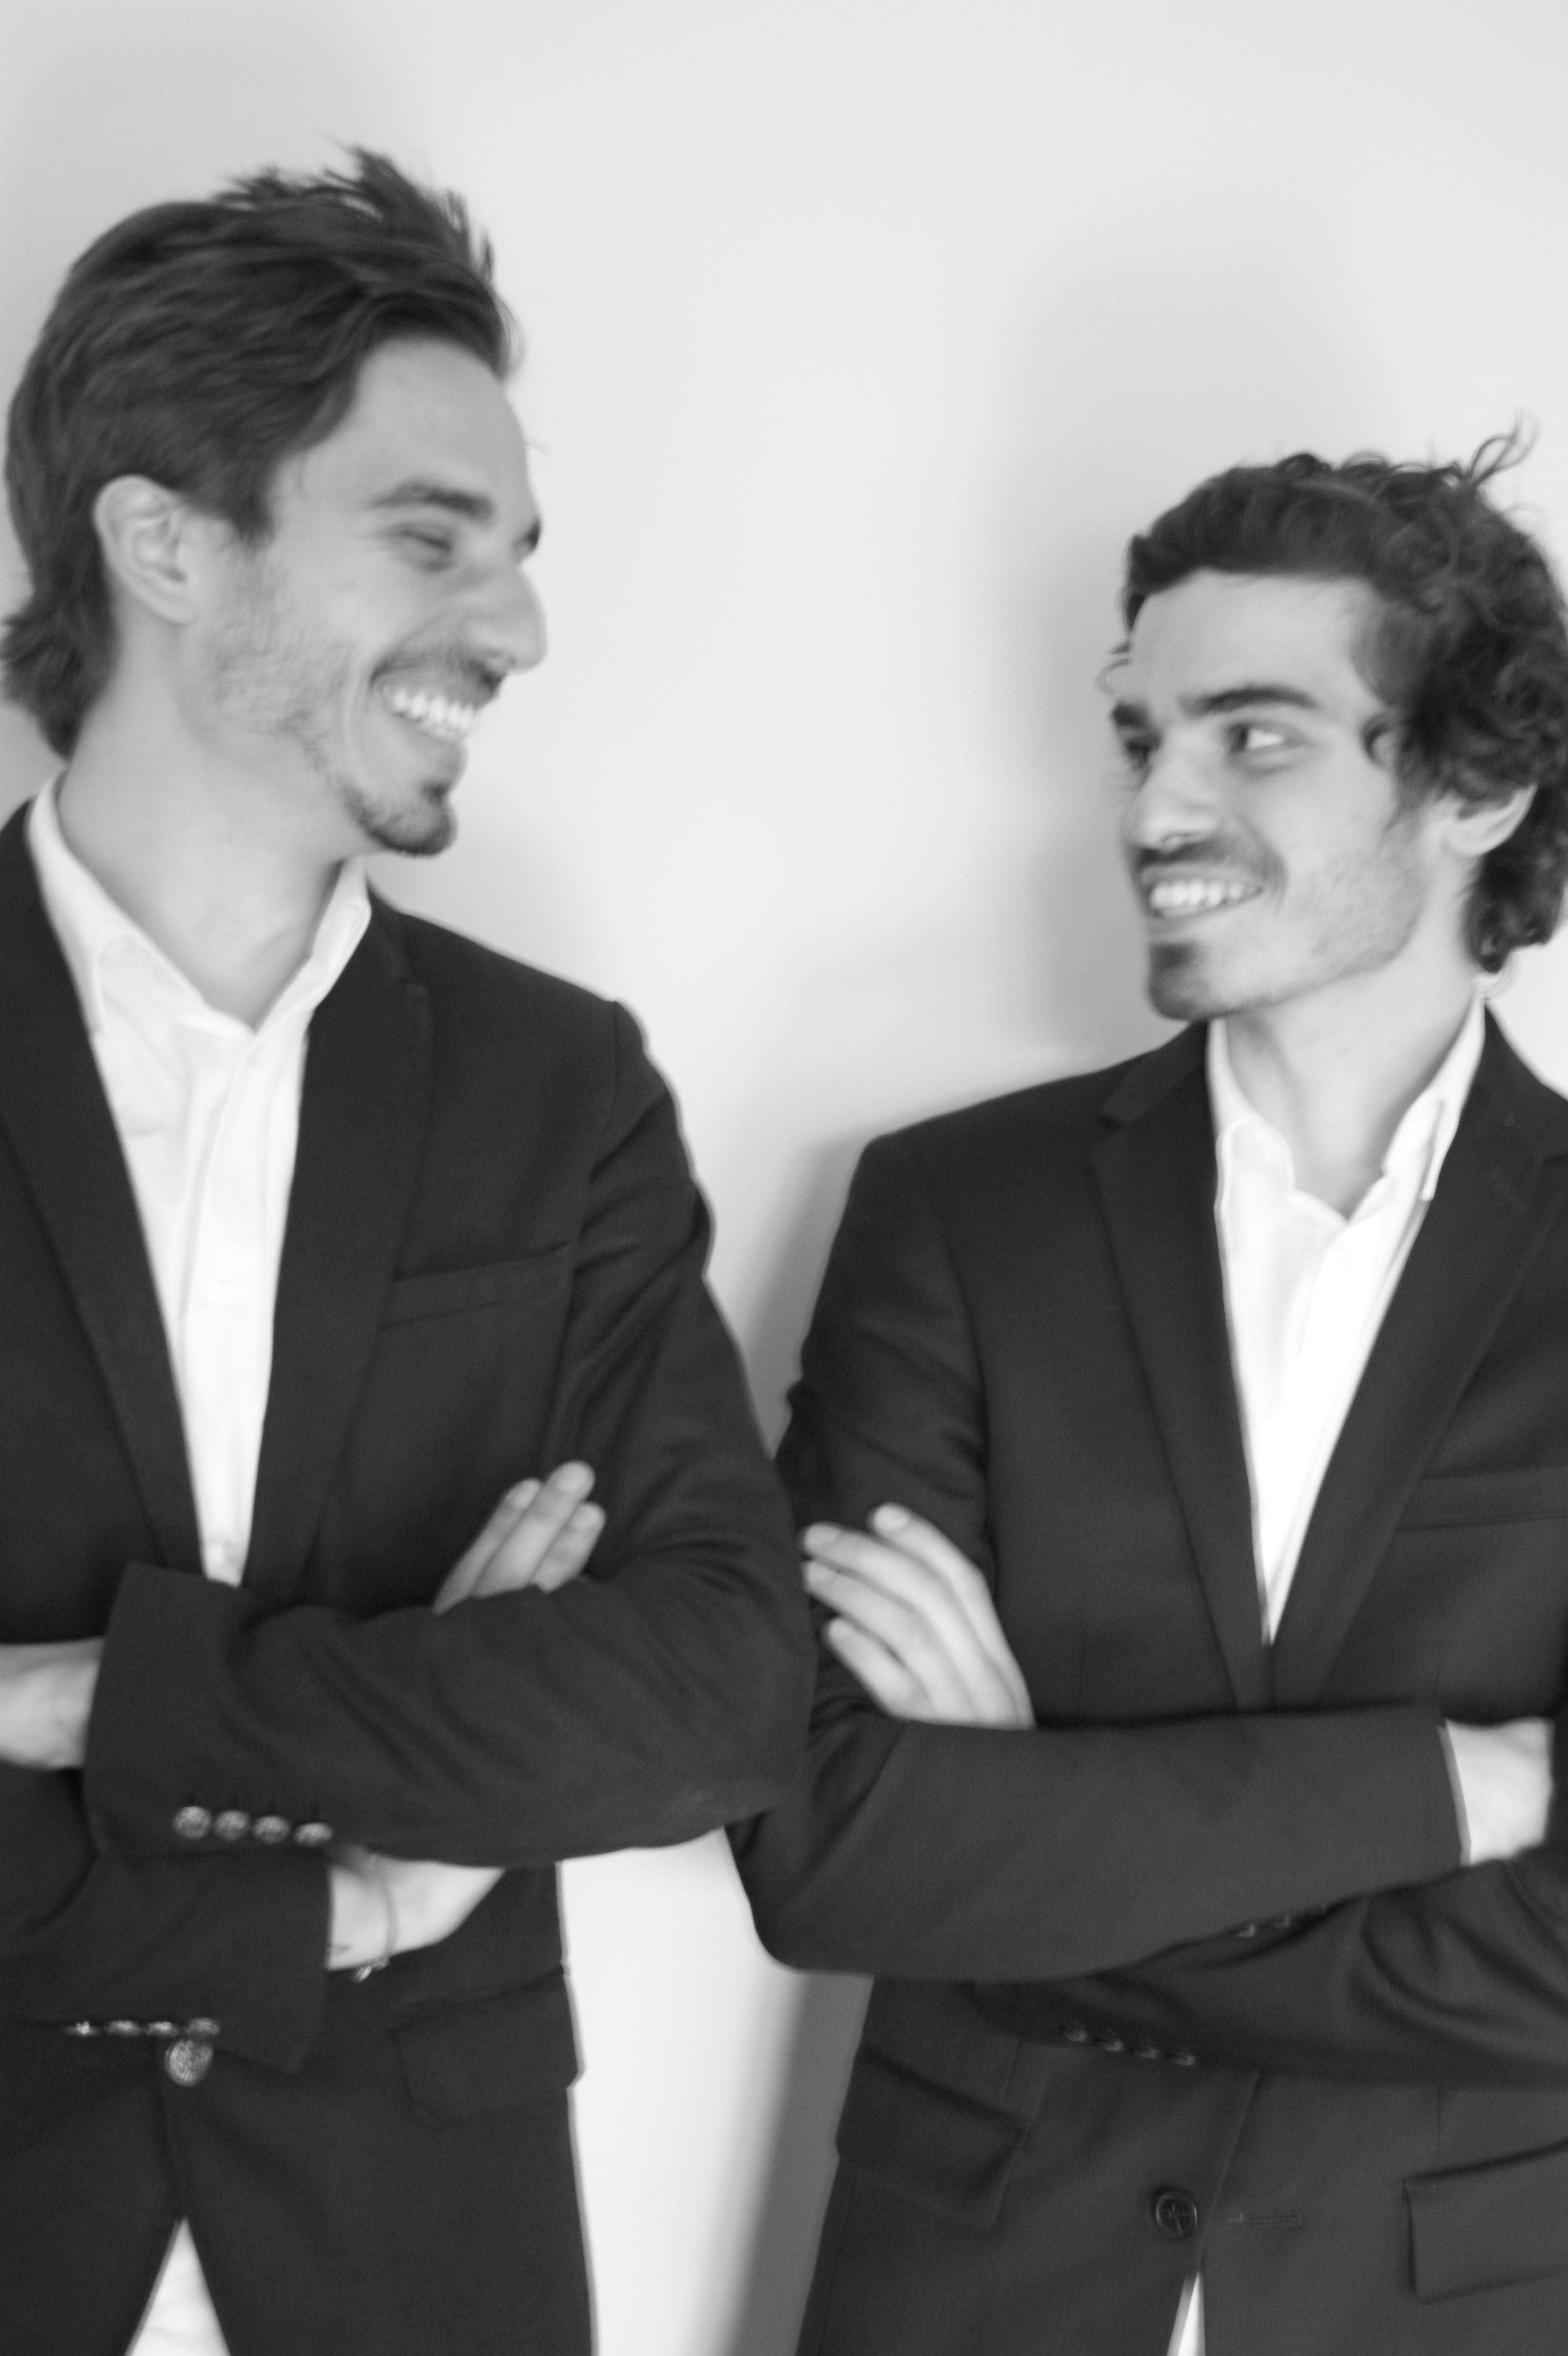 Alexandre & Emmanuel Dahdi